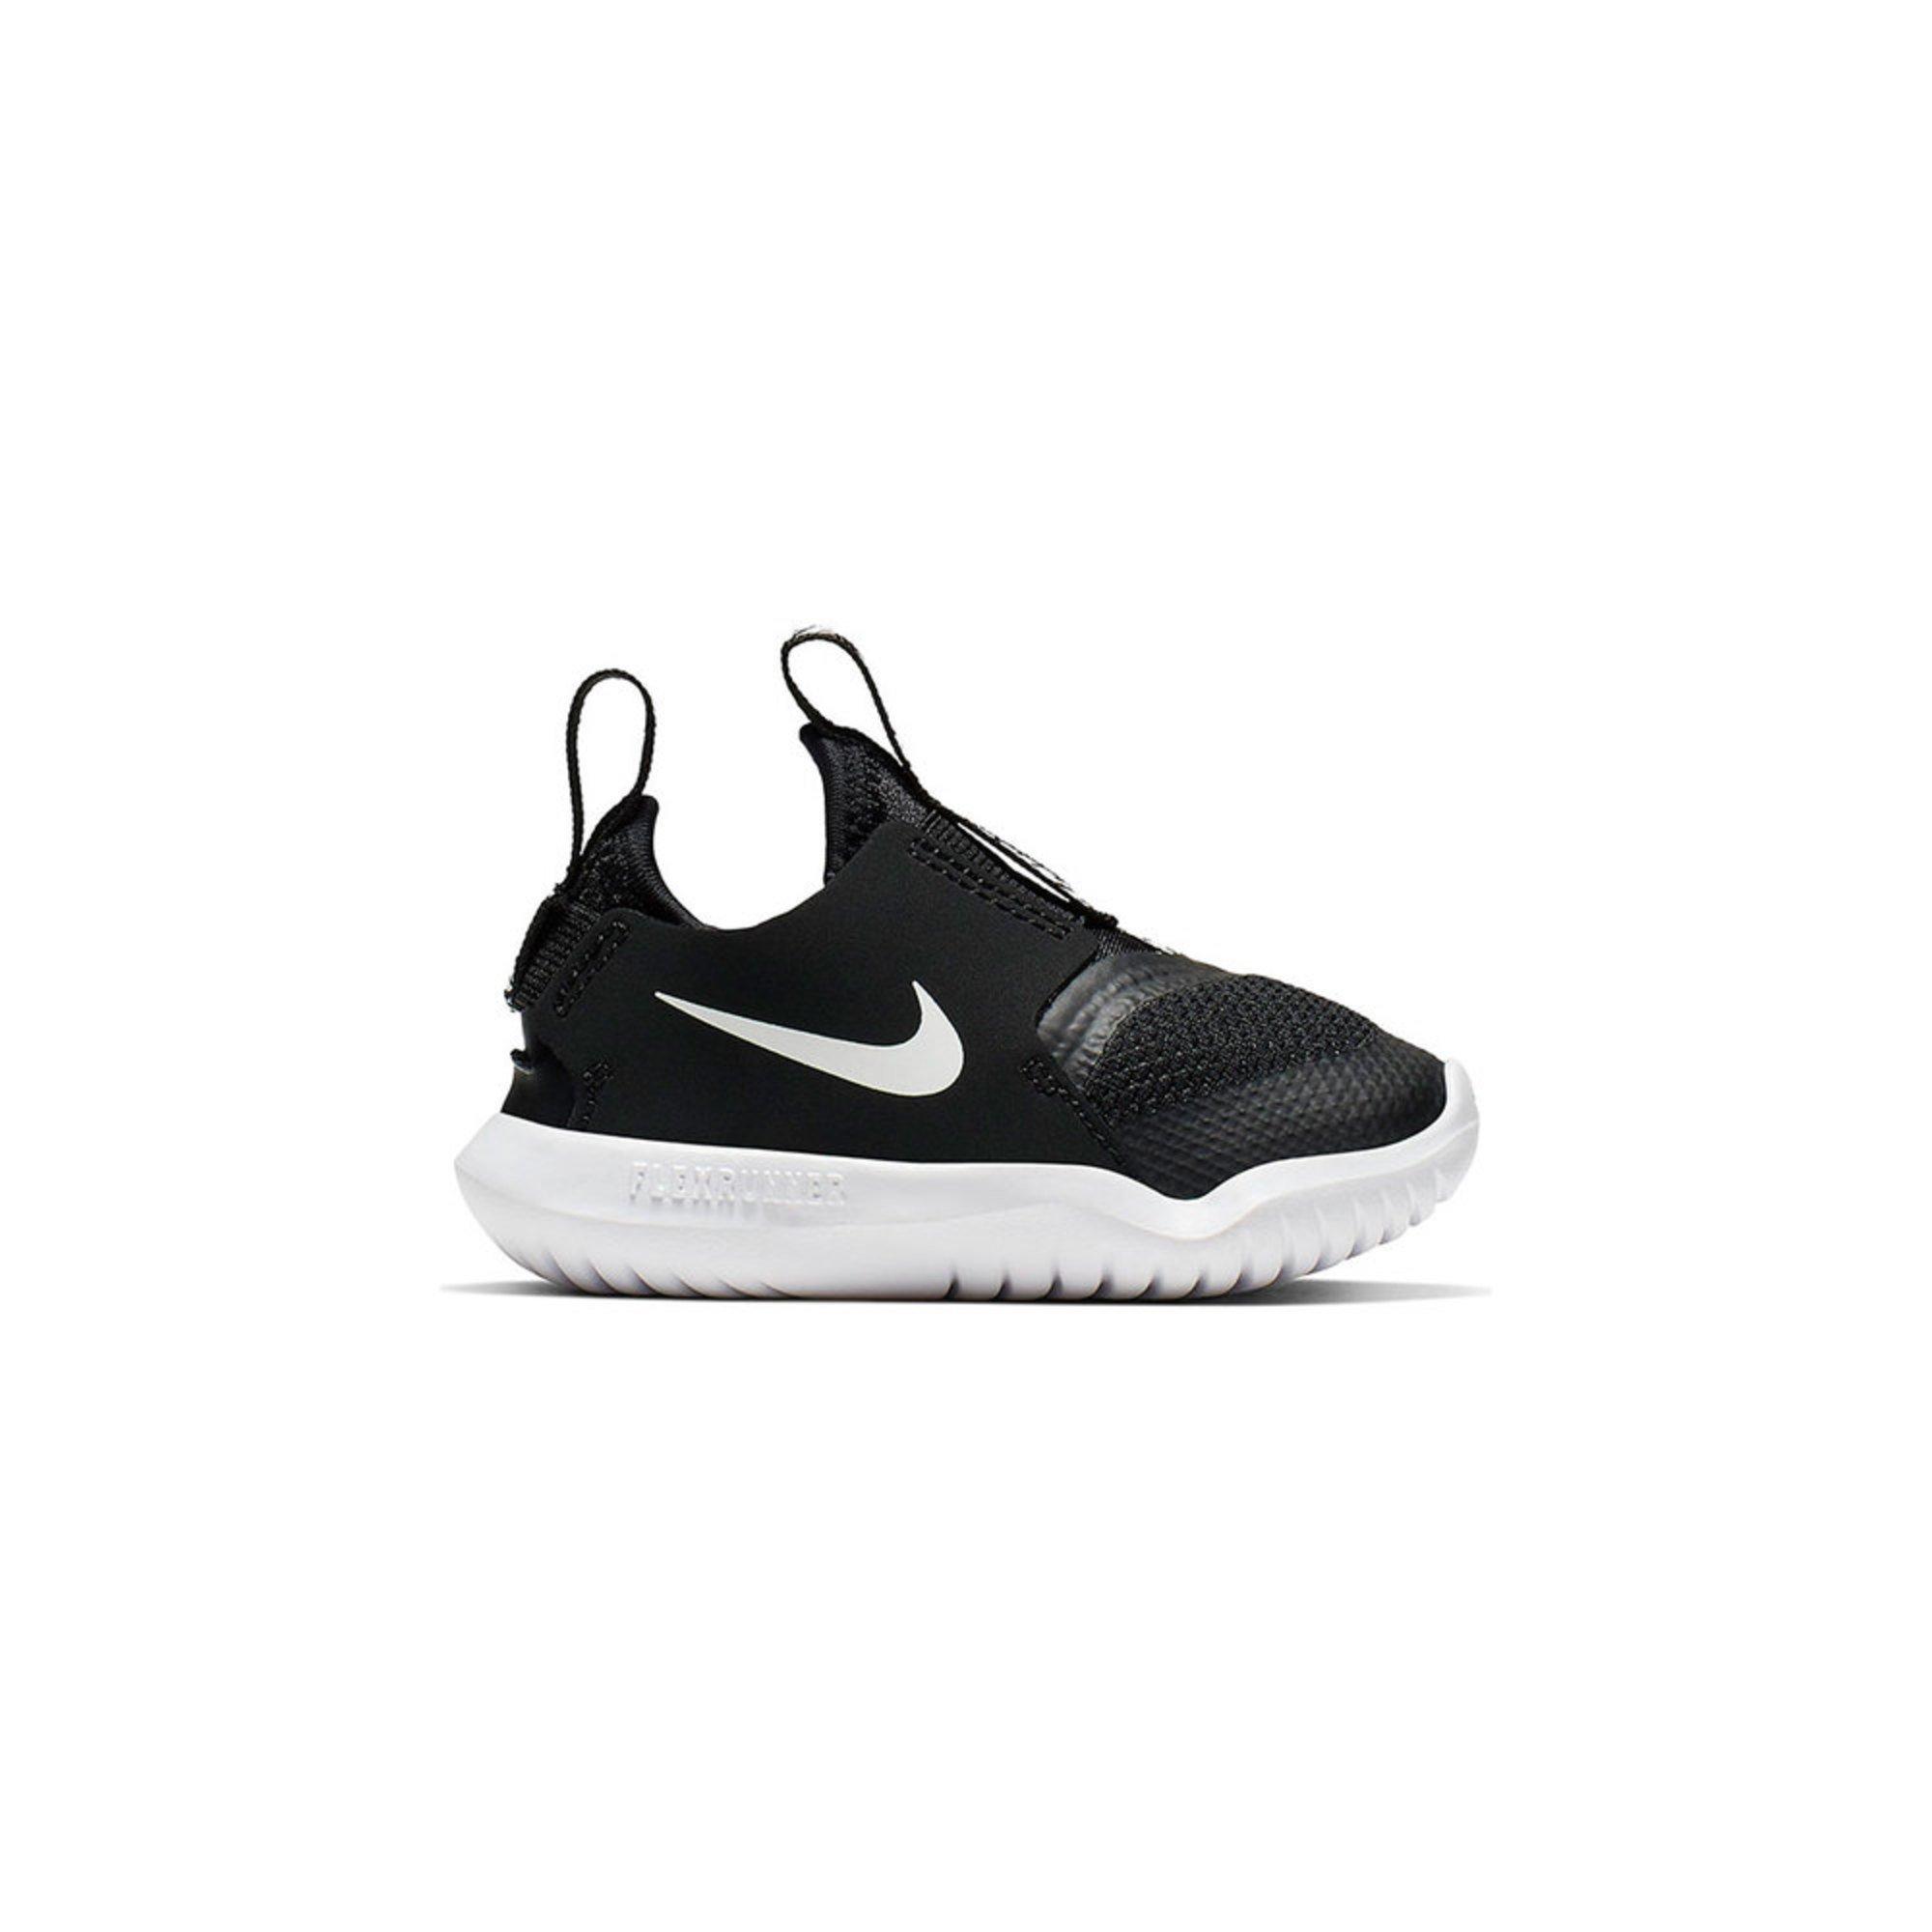 879cde19b68 Nike. Nike Boys Flex Runner Training Shoe (Infant Toddler)